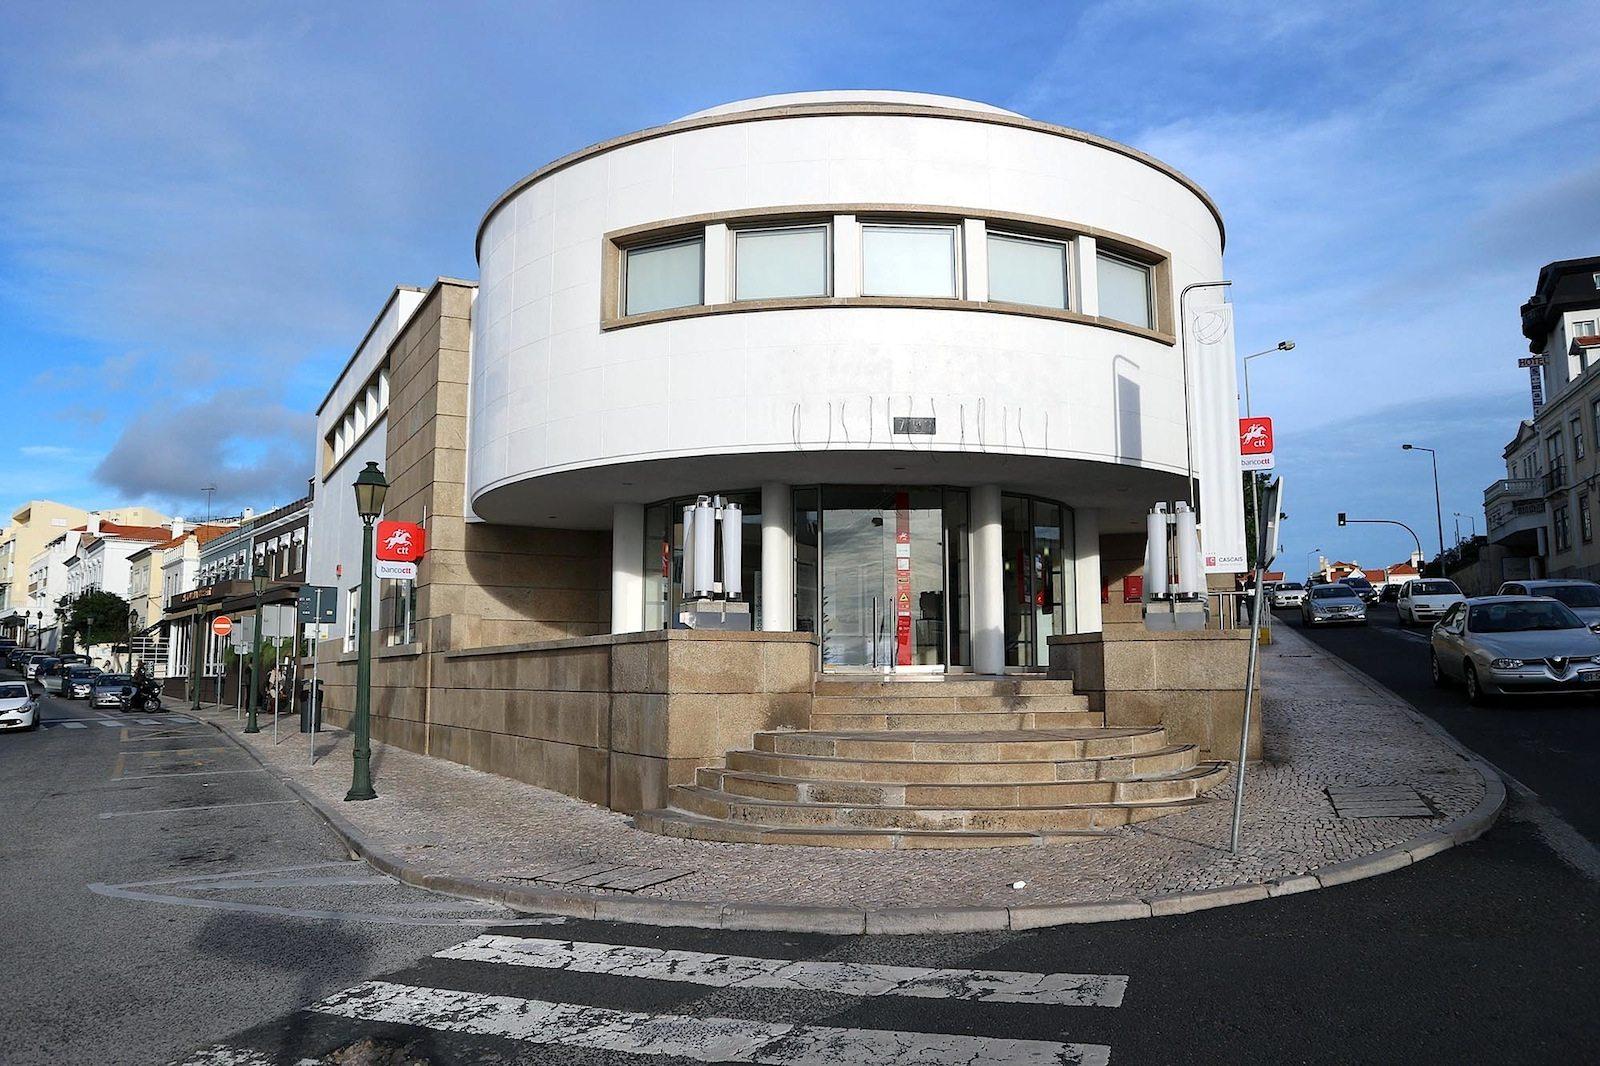 Postamt Estoril. Architekt: Adelino Nunes